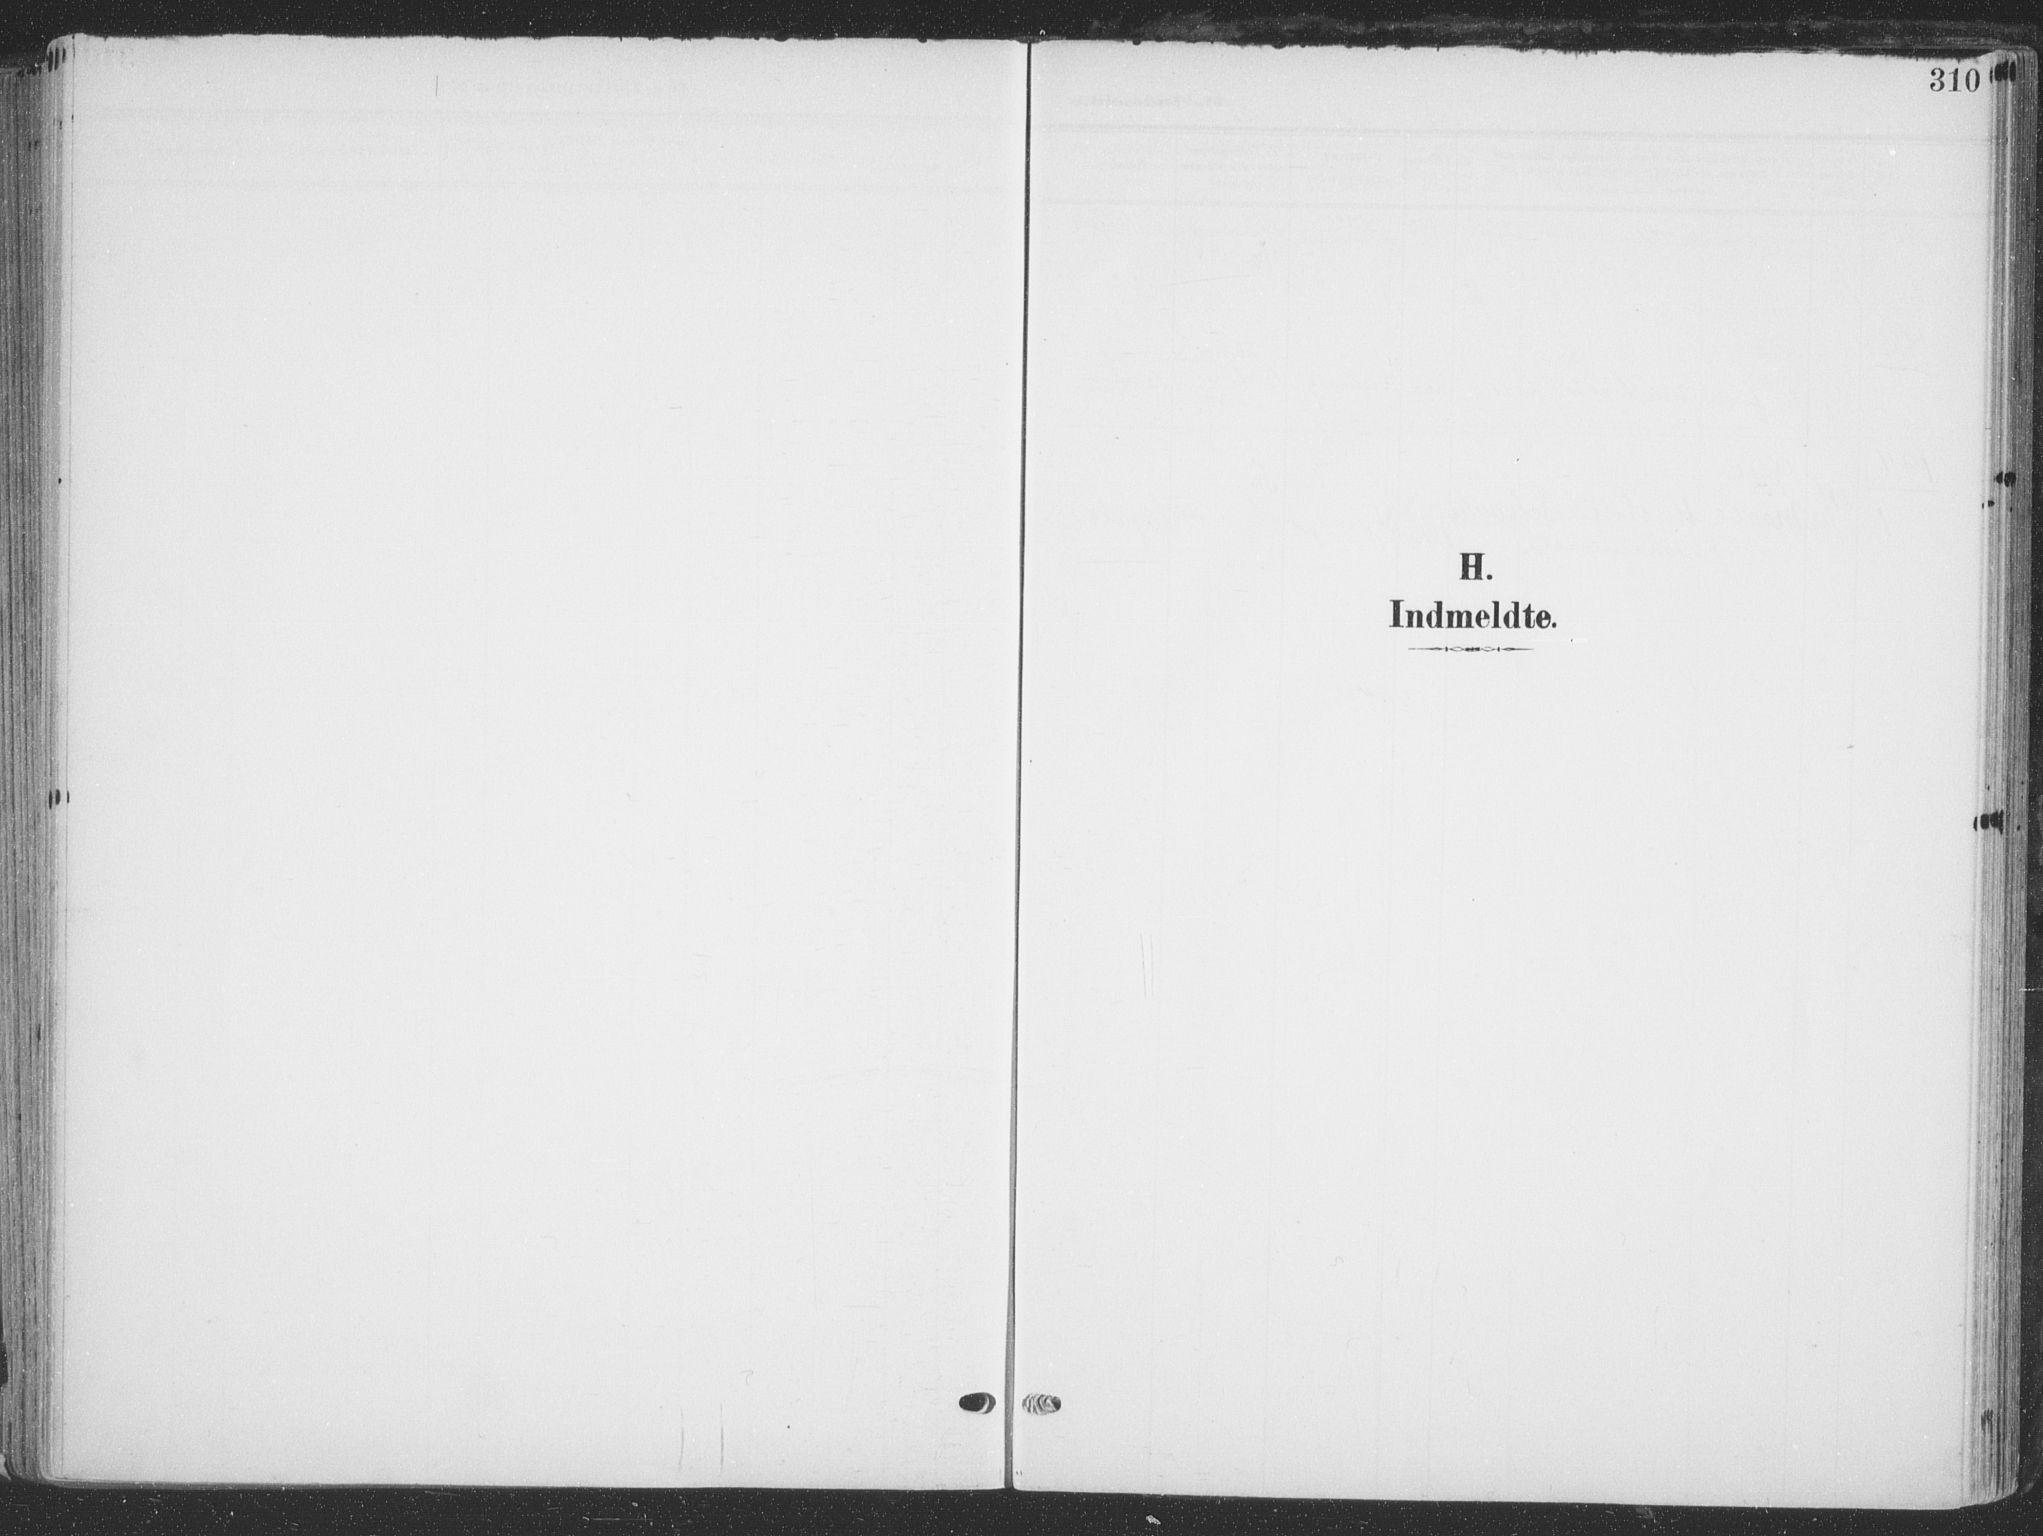 SATØ, Tana sokneprestkontor, H/Ha/L0007kirke: Ministerialbok nr. 7, 1904-1918, s. 310